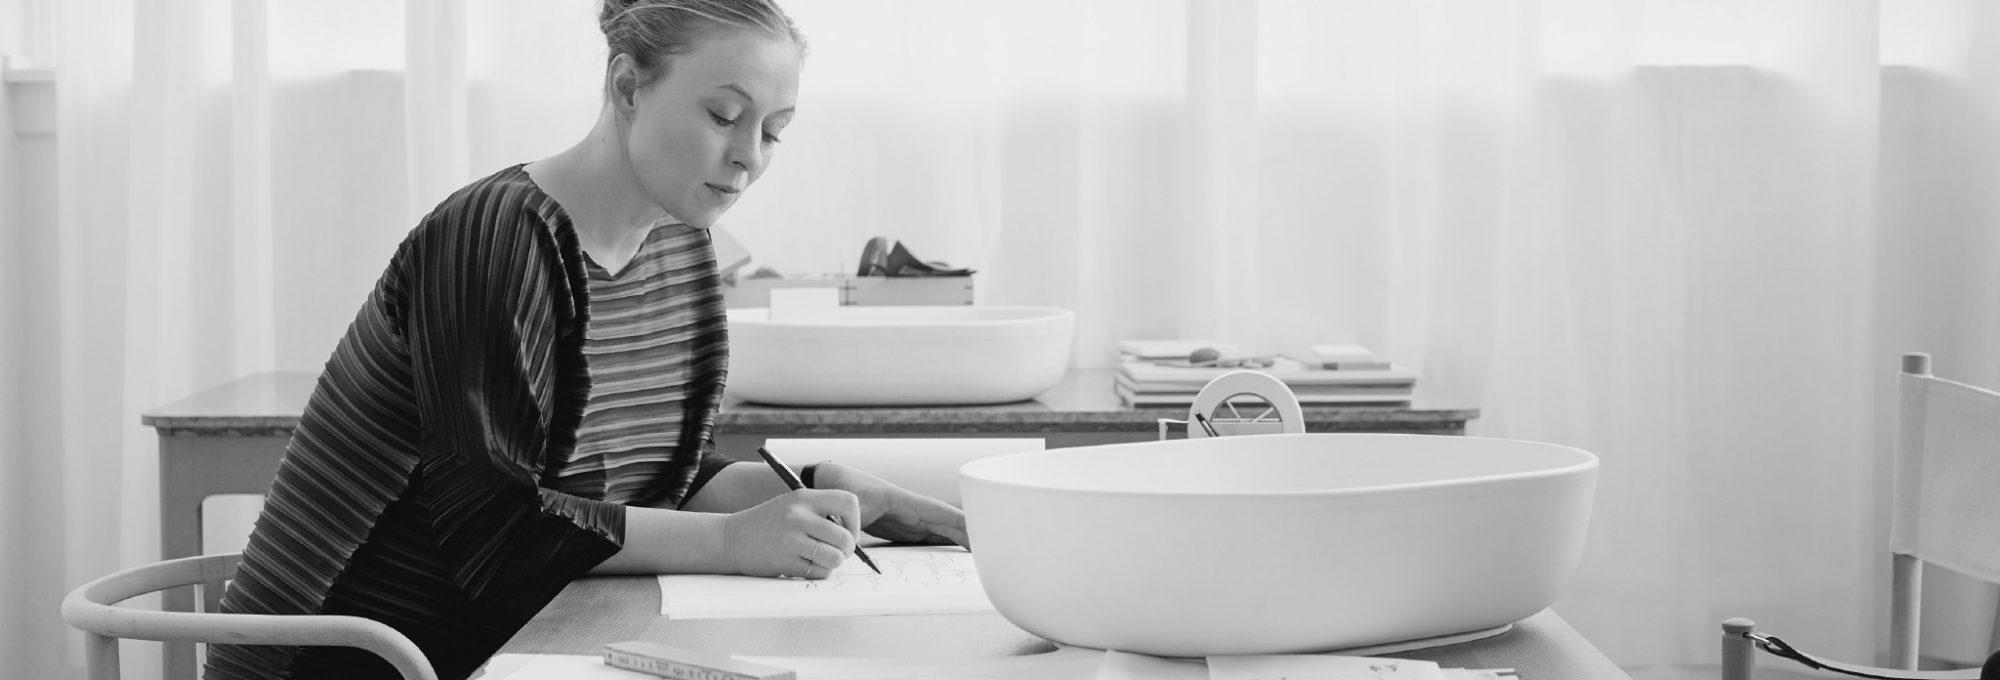 Maison et Objet 2018 Conozca a Cecilie Manz, Diseñadora del Año de Maison et Objet 2018 unspecified 16 2000x680